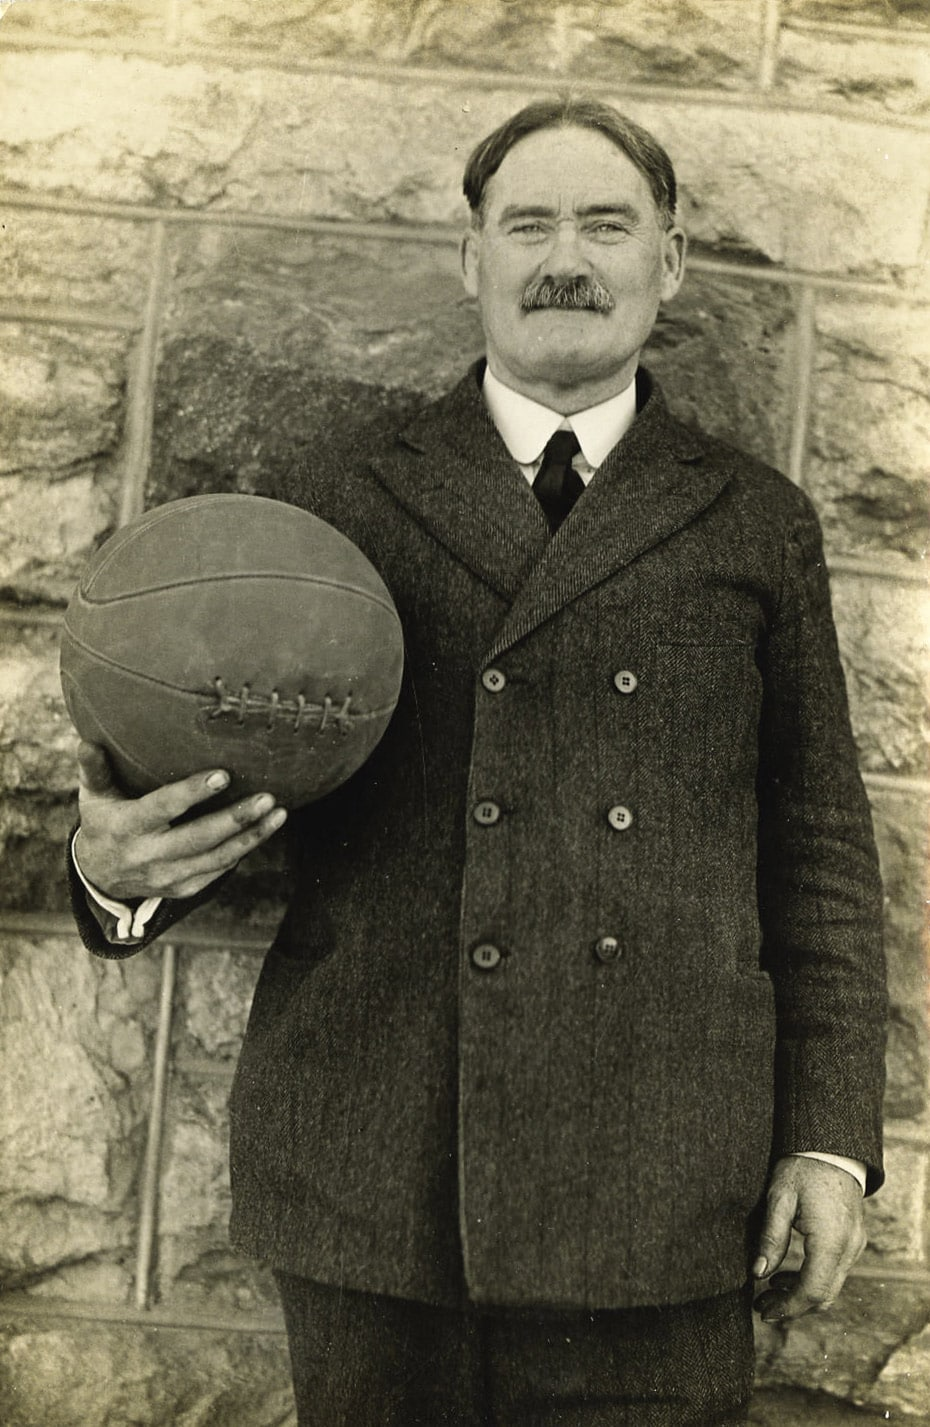 História e origem do Basquete: James Naismith o criador do Basquetebol